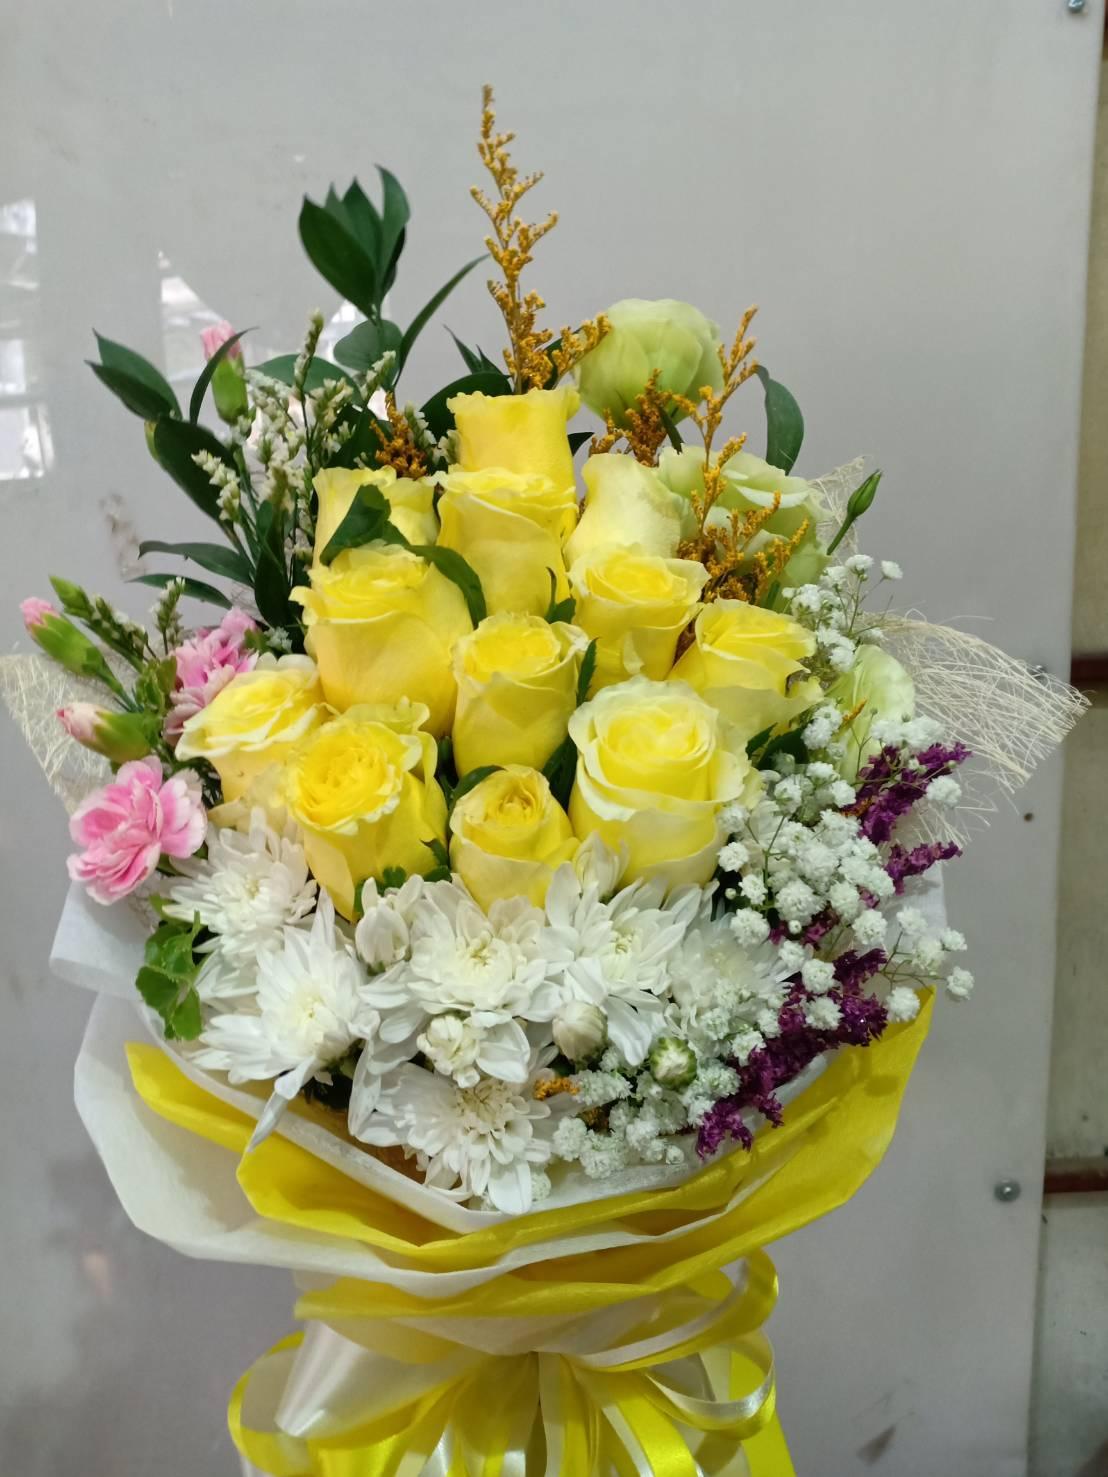 ช่อดอกกุหลาบสีเหลืองโดดเด่นสะดุดตา หากได้รับจากคนรักก็สะดุดใจ